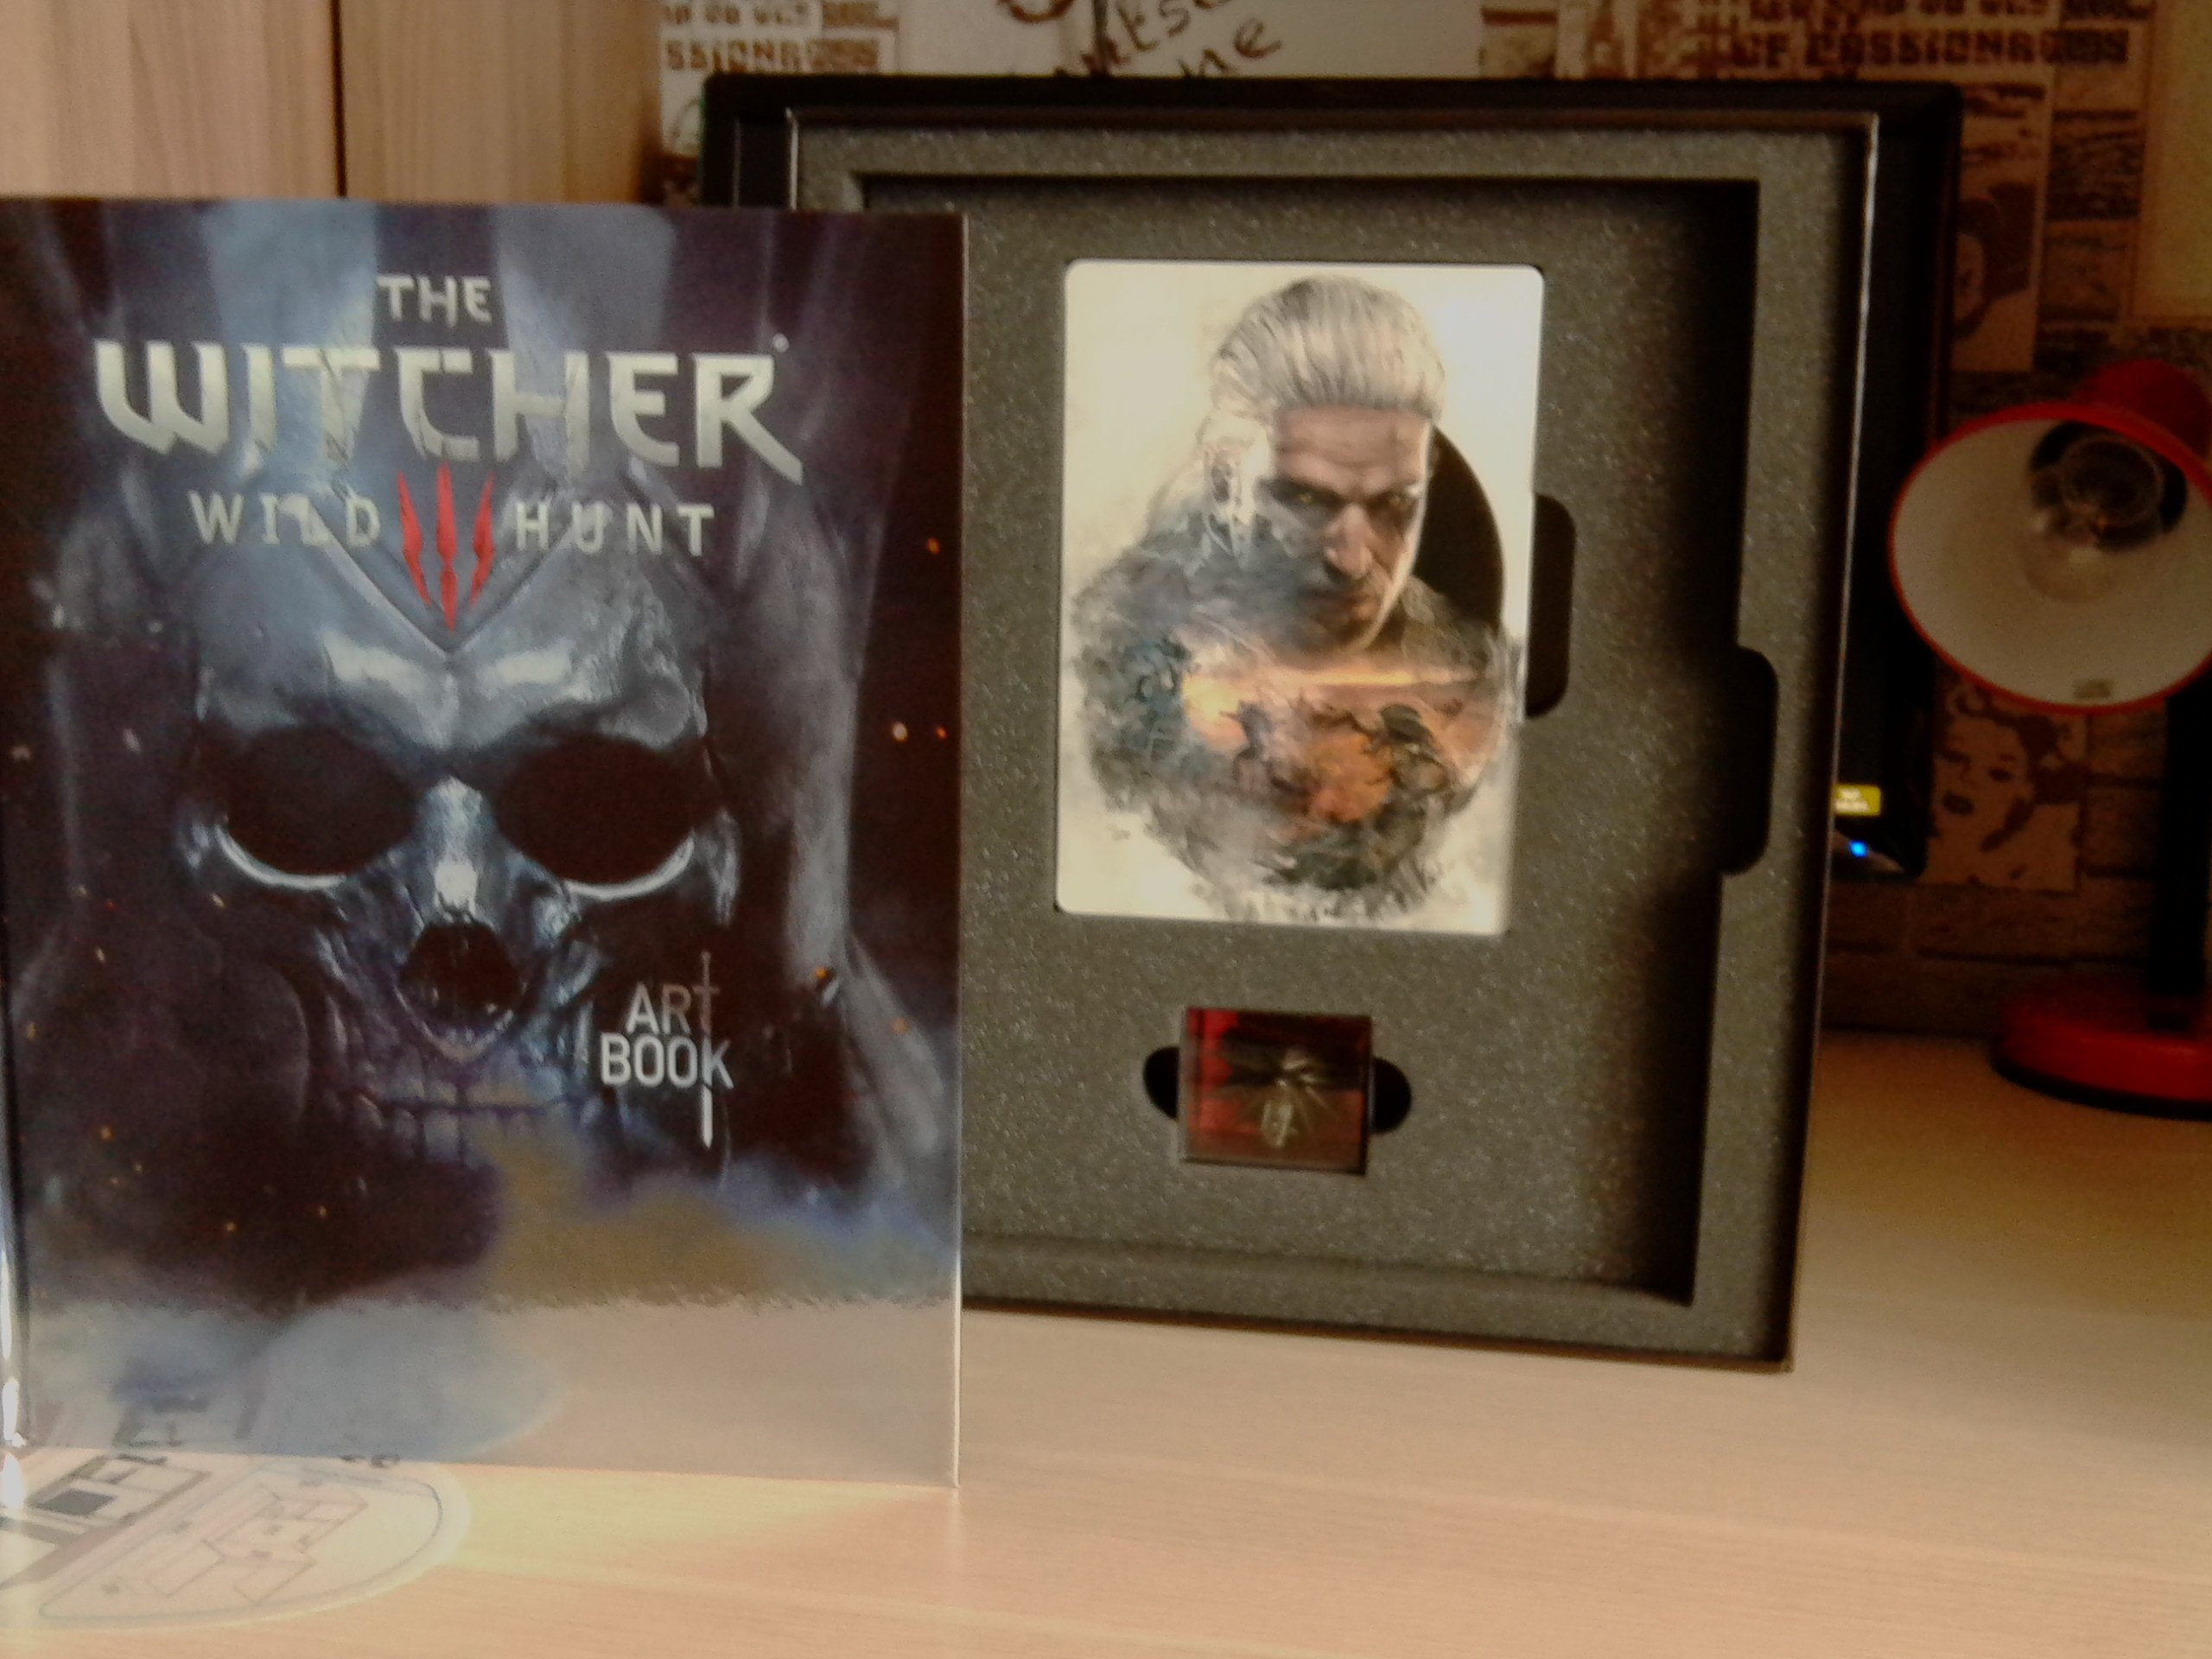 The Witcher 3: Wild Hunt. Распаковка коллекционного издания игры!     После долгого и томительного ожидания, сквозь  ... - Изображение 7